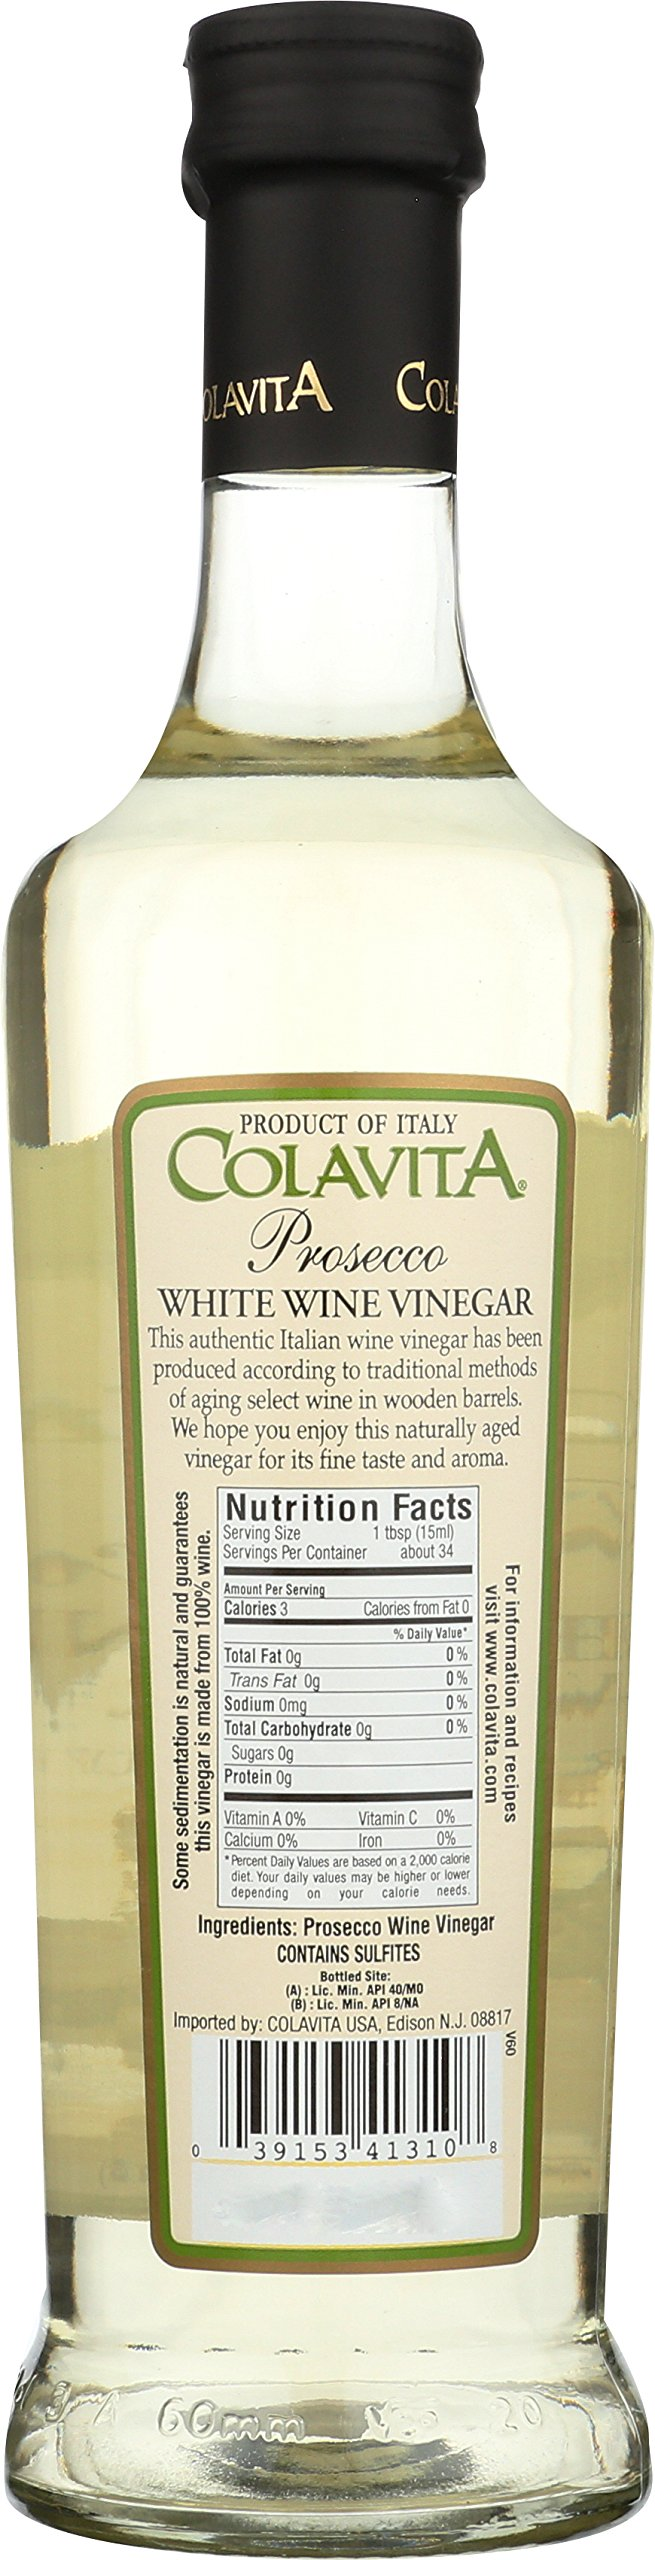 Colavita Prosecco White Wine Vinegar - 17 oz (2 Bottle) by Colavita (Image #2)